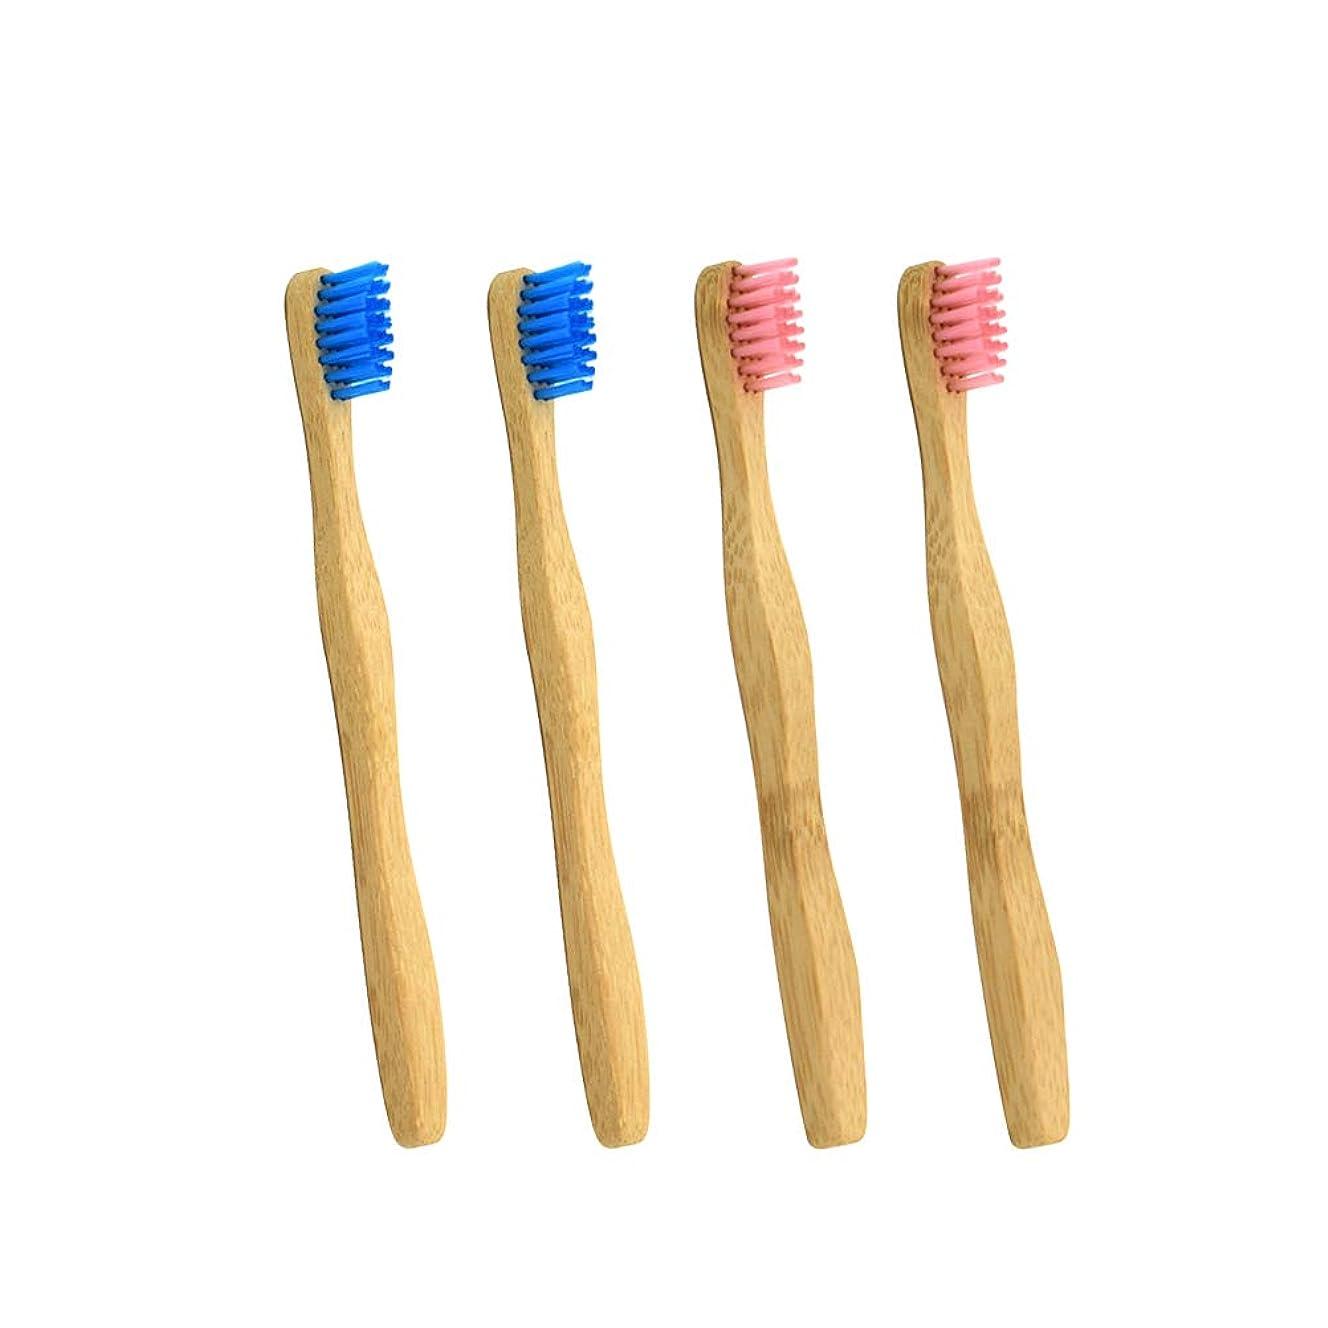 各雄弁家テーブルを設定するHealifty 歯ブラシ抗細菌キッズ歯ブラシ4本(ピンクとブルー各2本)